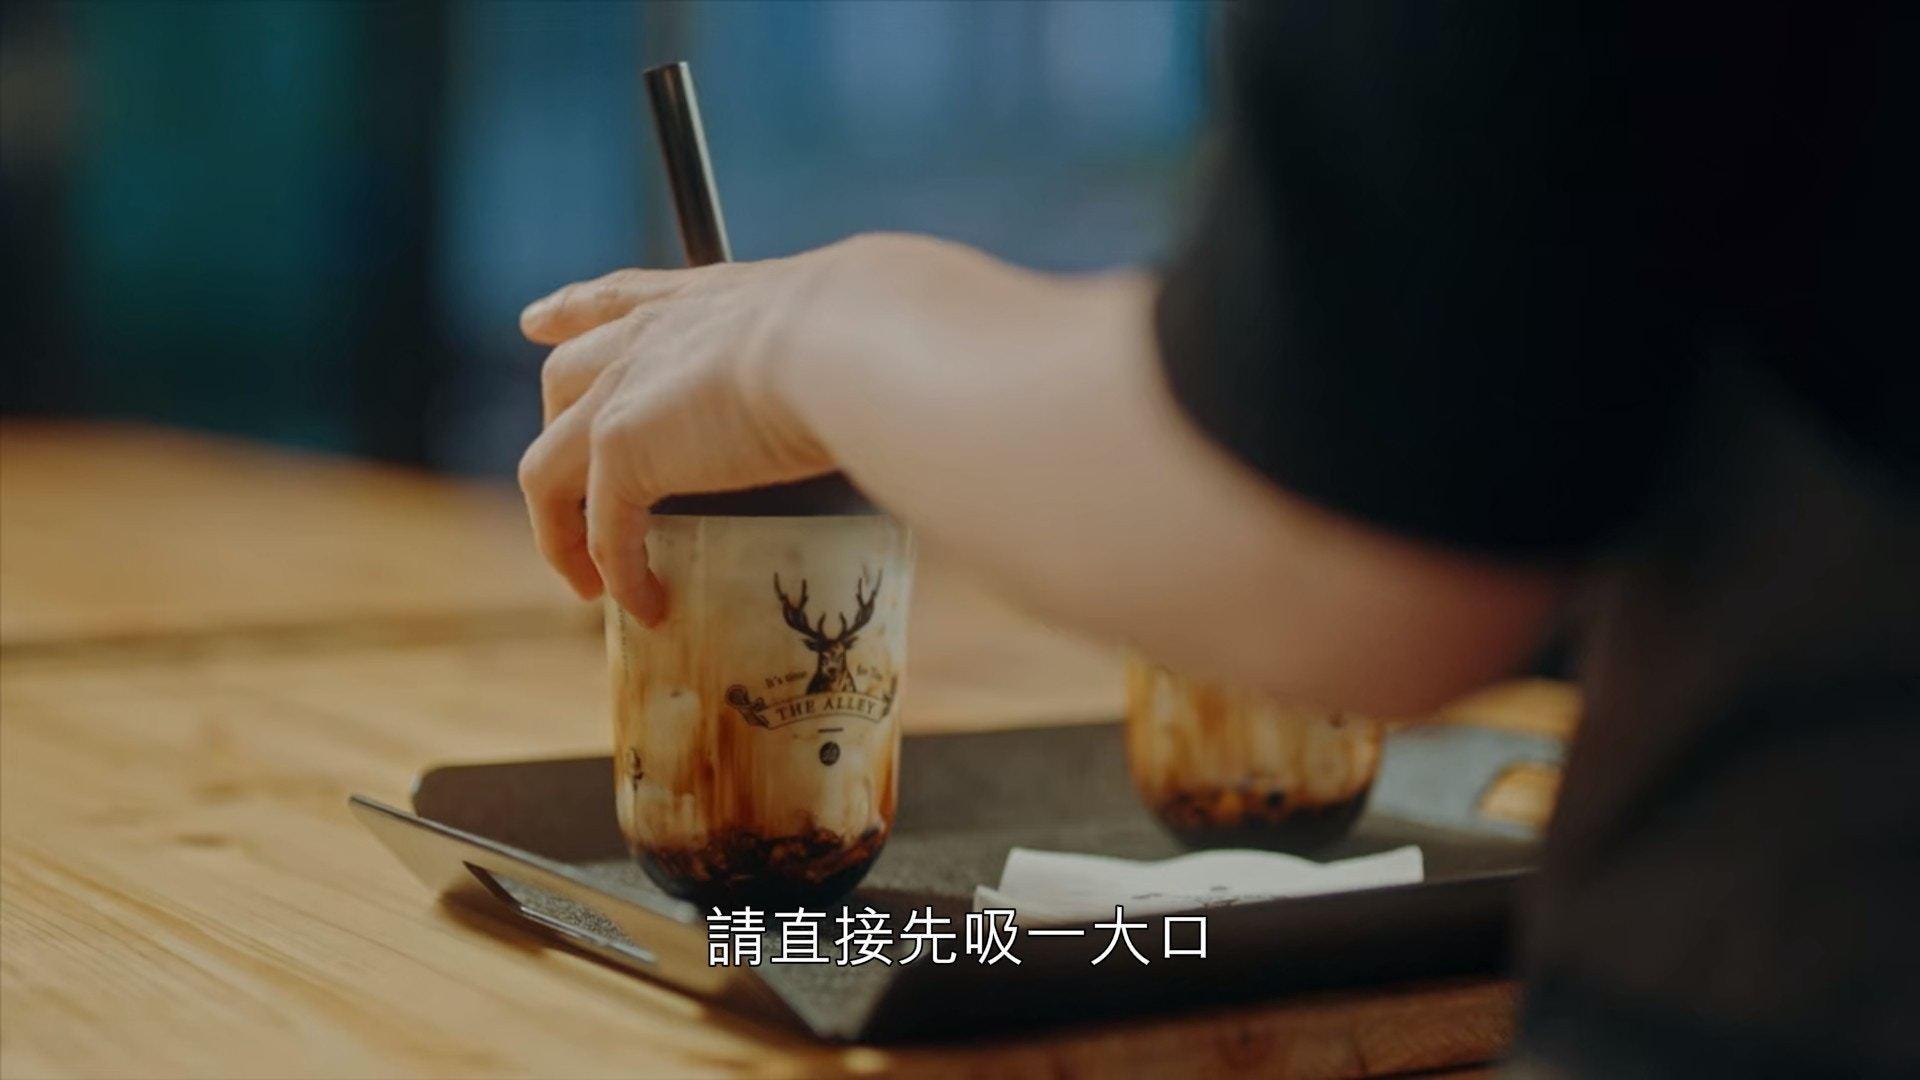 收视创新低!韩剧《国王:永远的君主》广告植入太生硬,引网友吐槽:这是电视剧还是购物广告?插图(5)